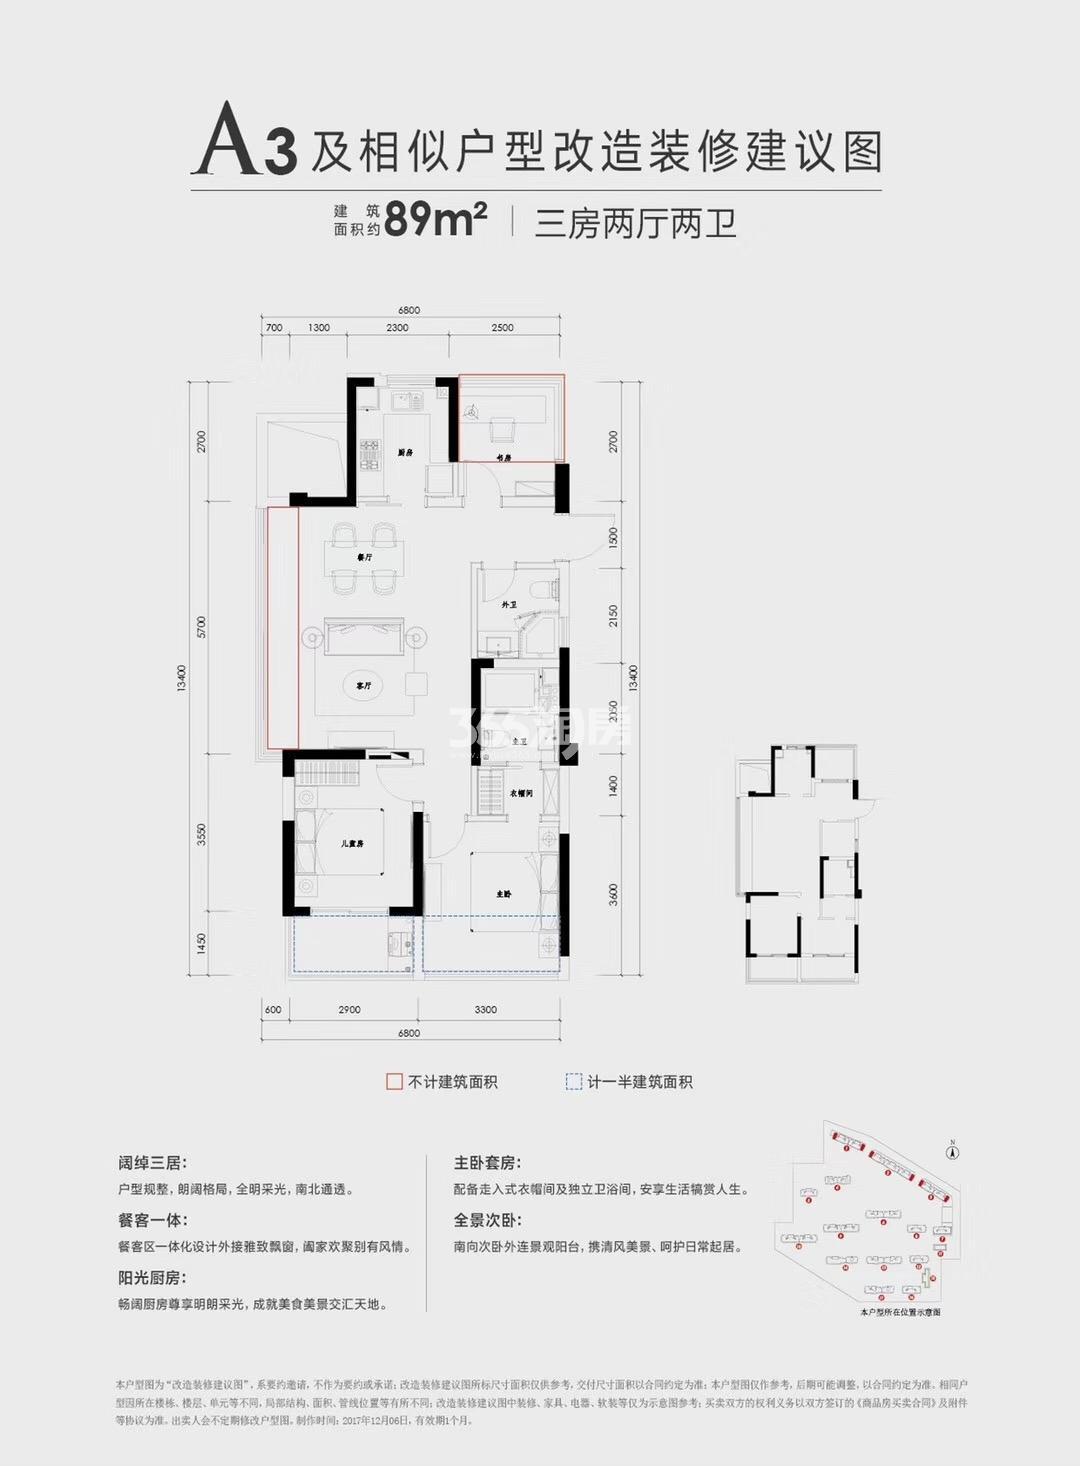 融创金成江南府1-3号楼A3户型89方